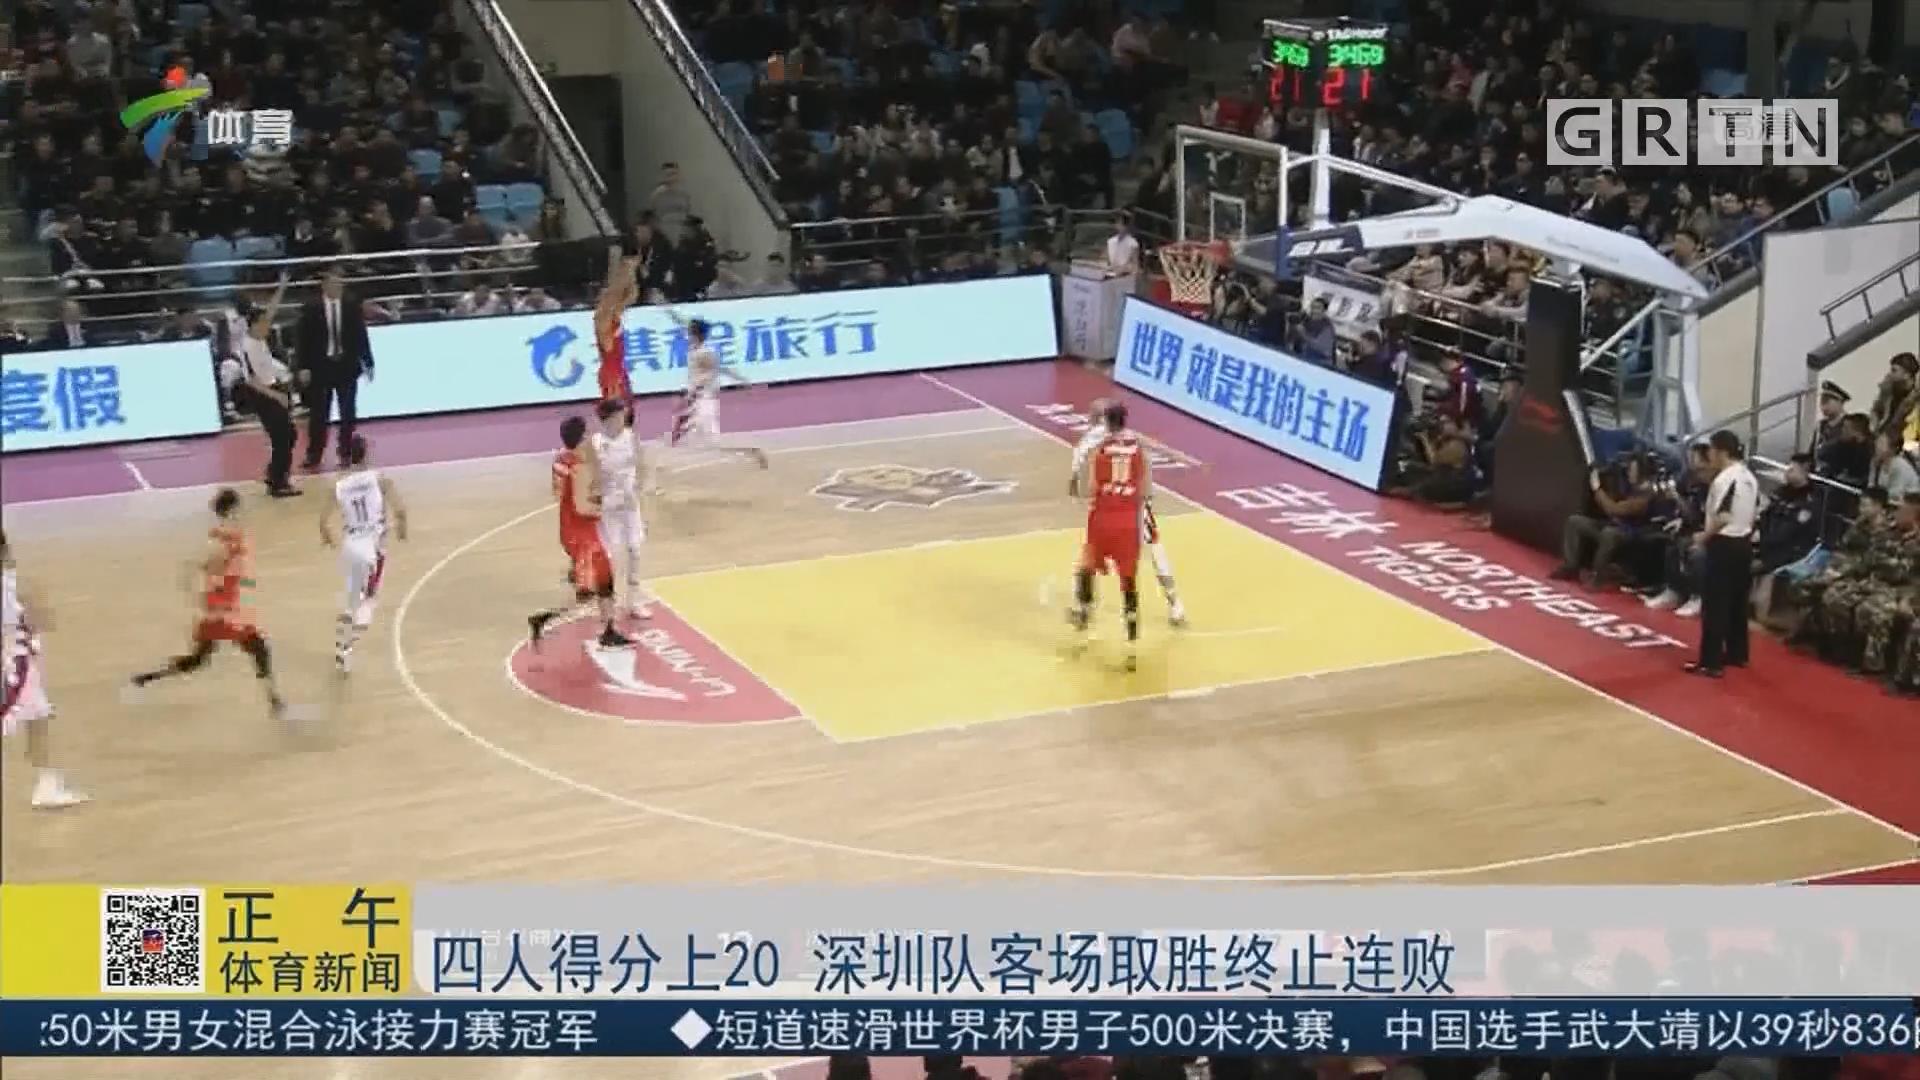 四人得分上20  深圳队客场取胜终止连败